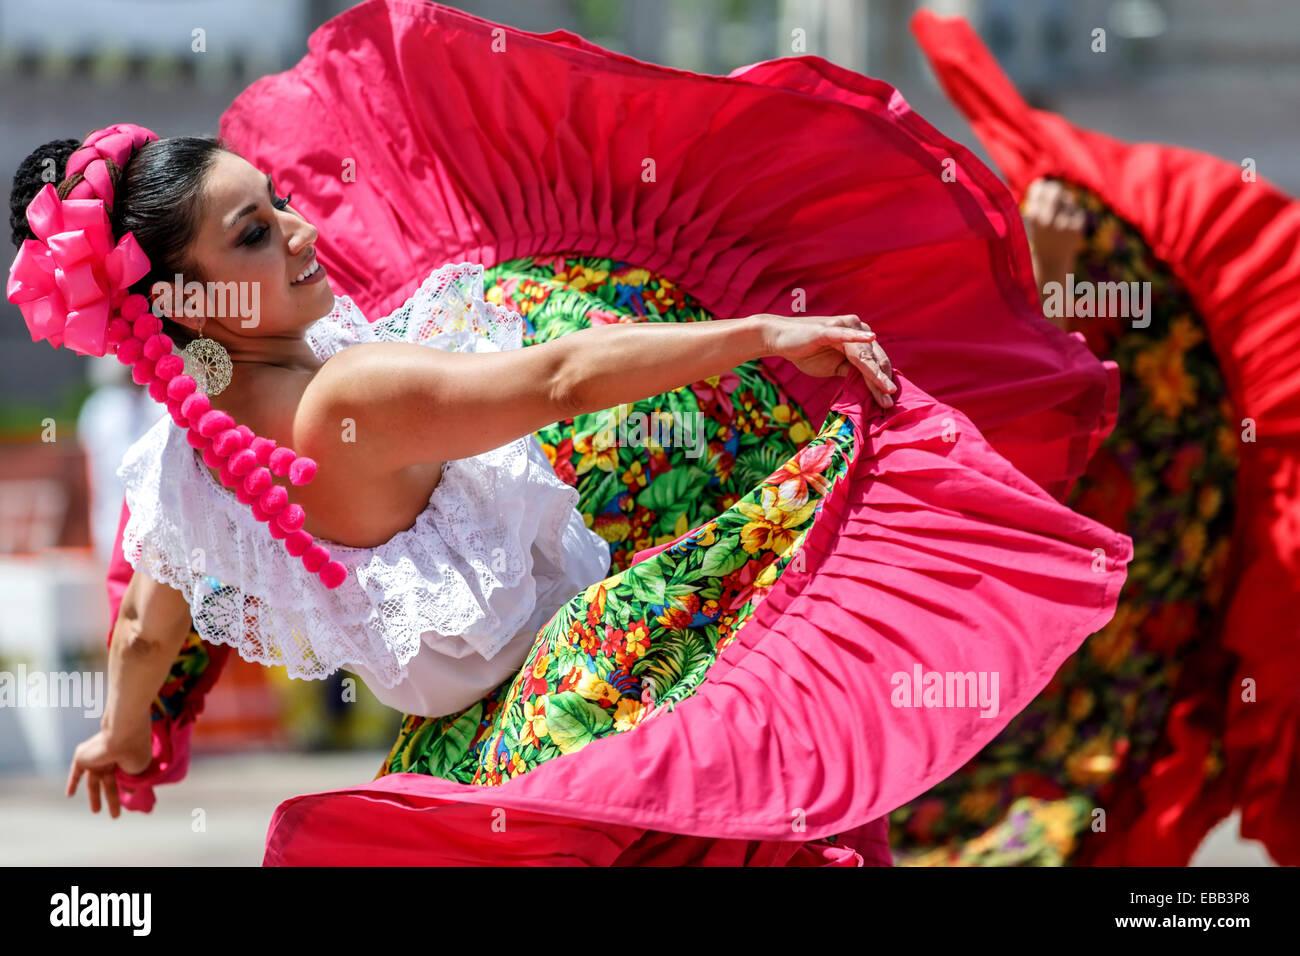 Mexican dancer, Cinco de Mayo Celebration, Civic Center Park, Denver, Colorado USA - Stock Image